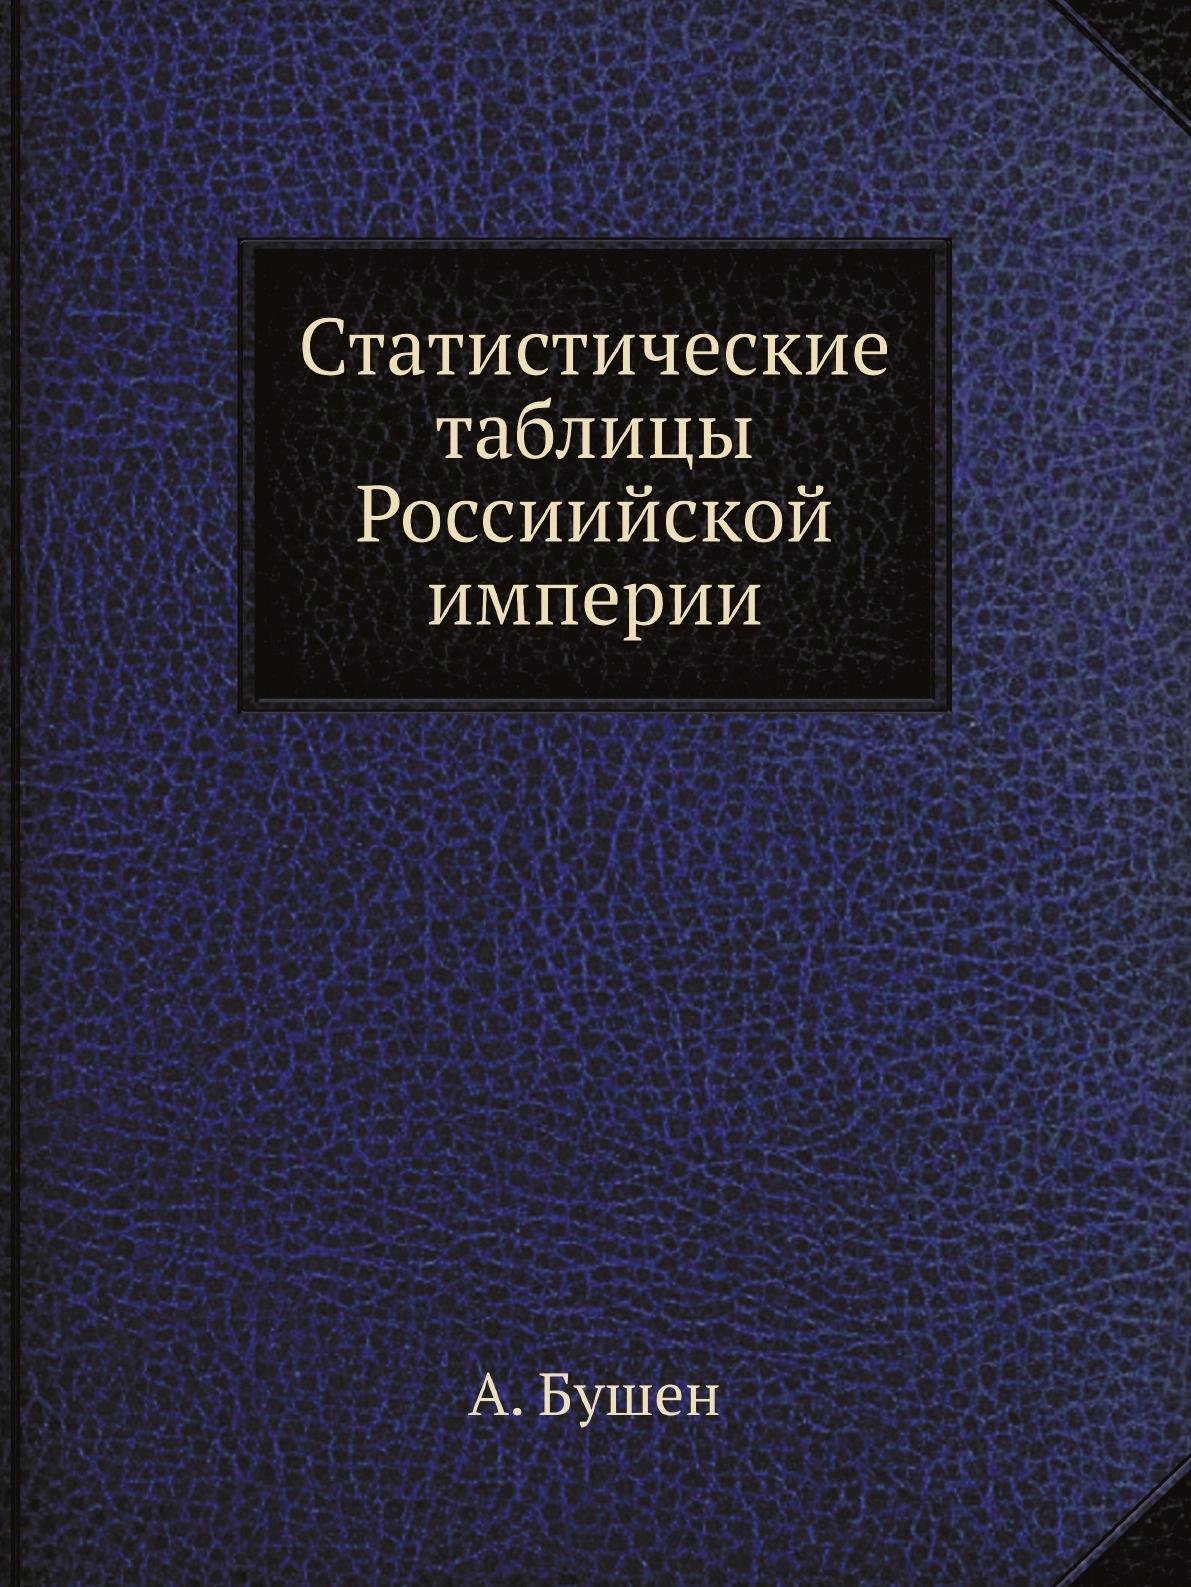 Статистические таблицы Россиийской империи